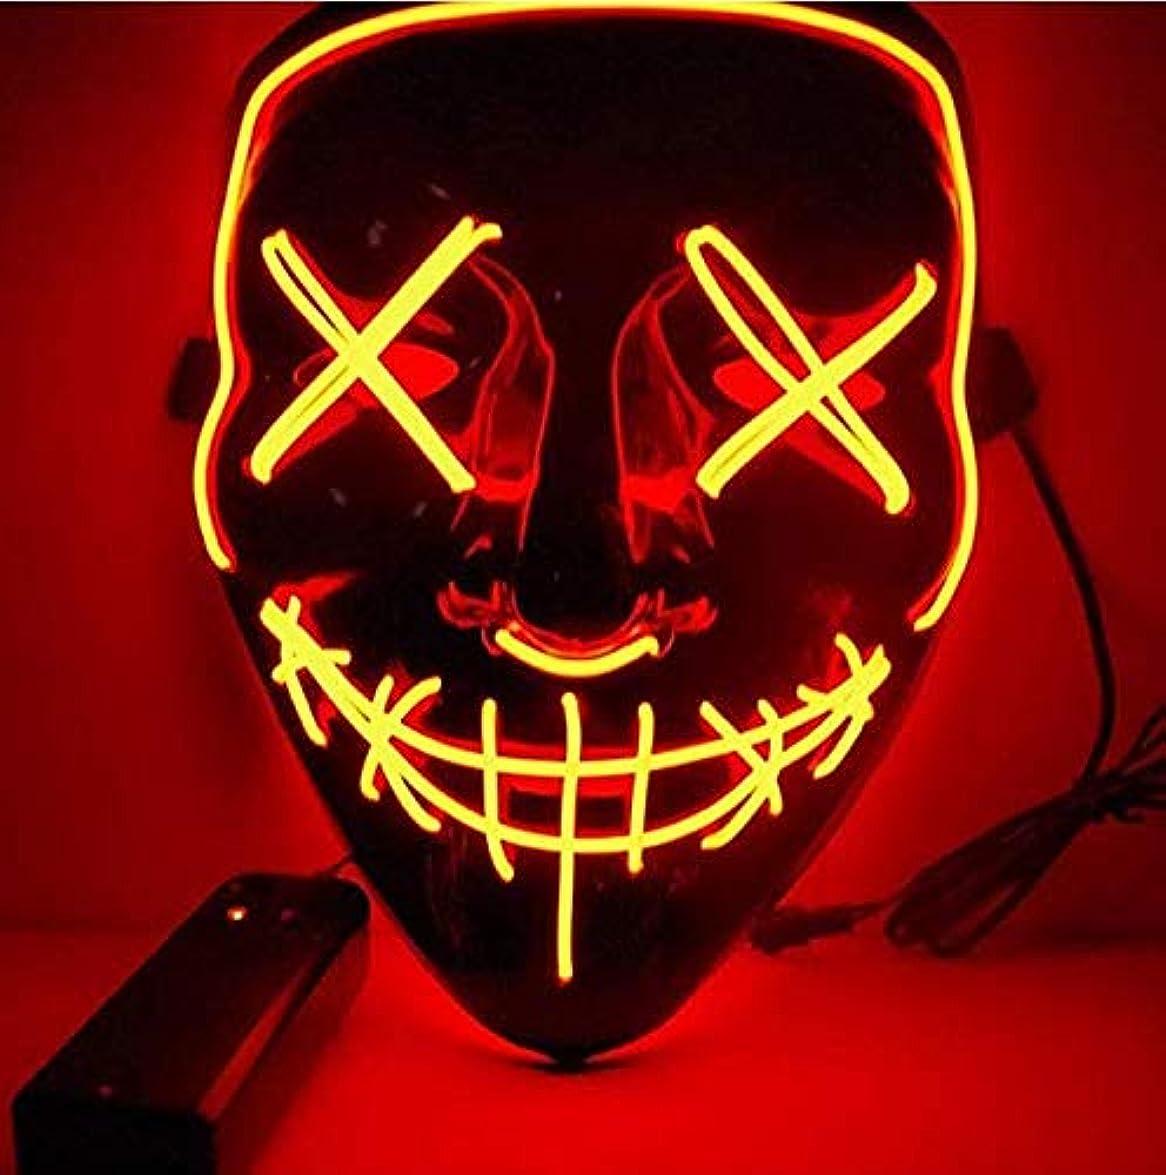 フローティングバイバイアフリカハロウィンマスクLEDライトアップパーティーマスクコスプレコスチュームサプライ暗闇で光る (Color : PURPLE)